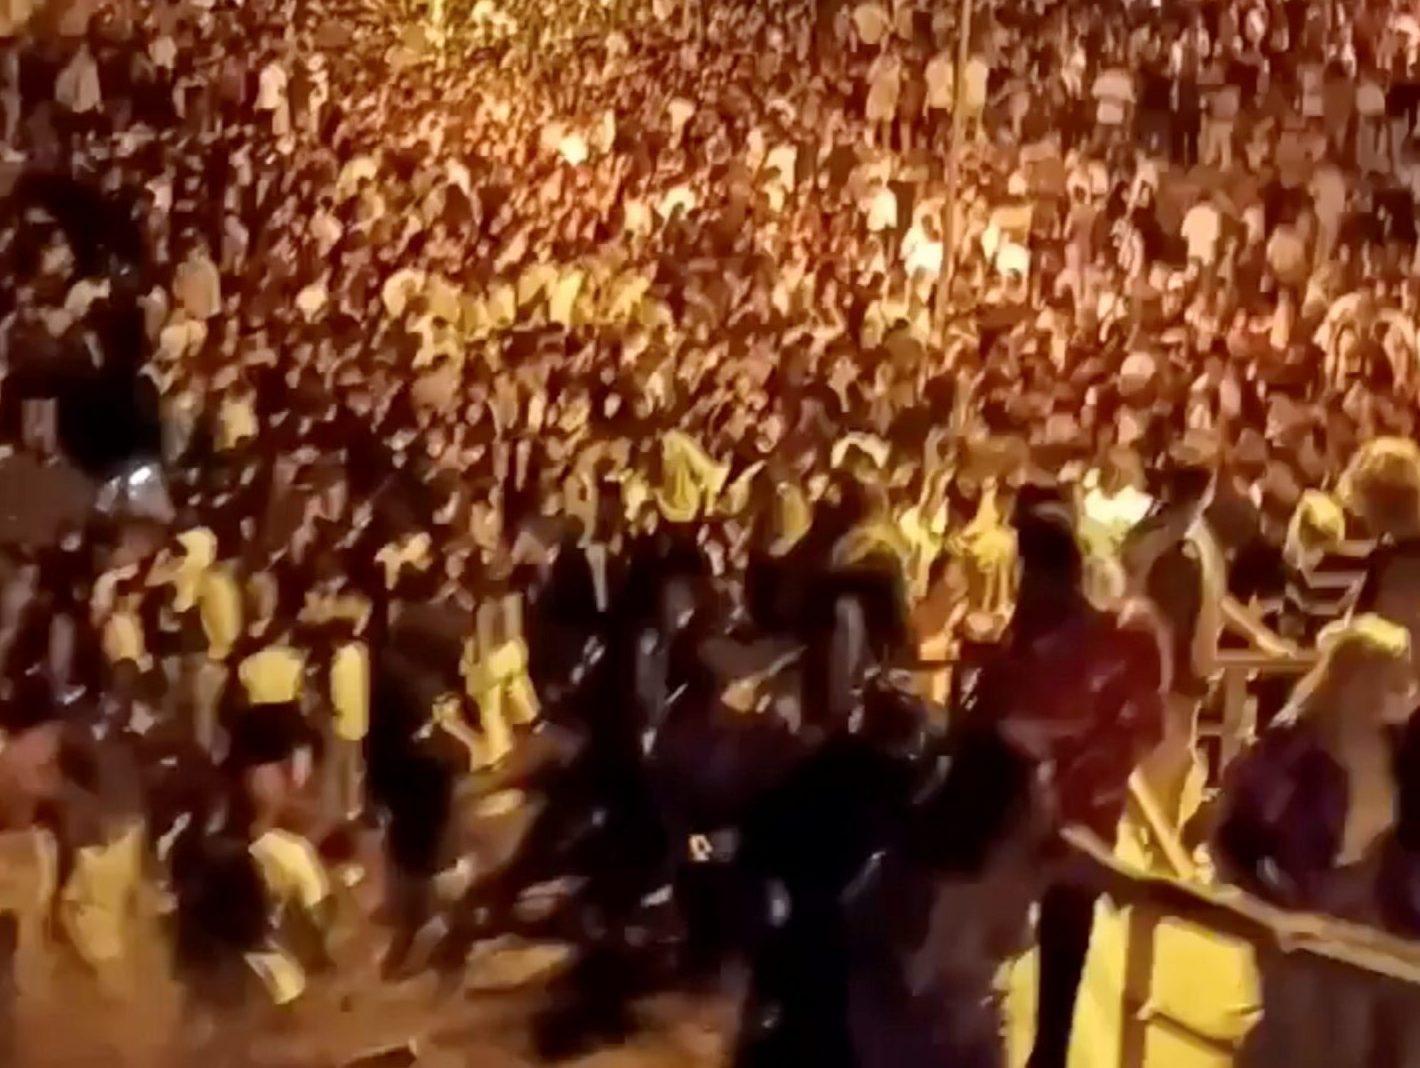 Khoảng 25.000 sinh viên Tây Ban Nha tham gia các buổi tiệc rượu bất hợp pháp